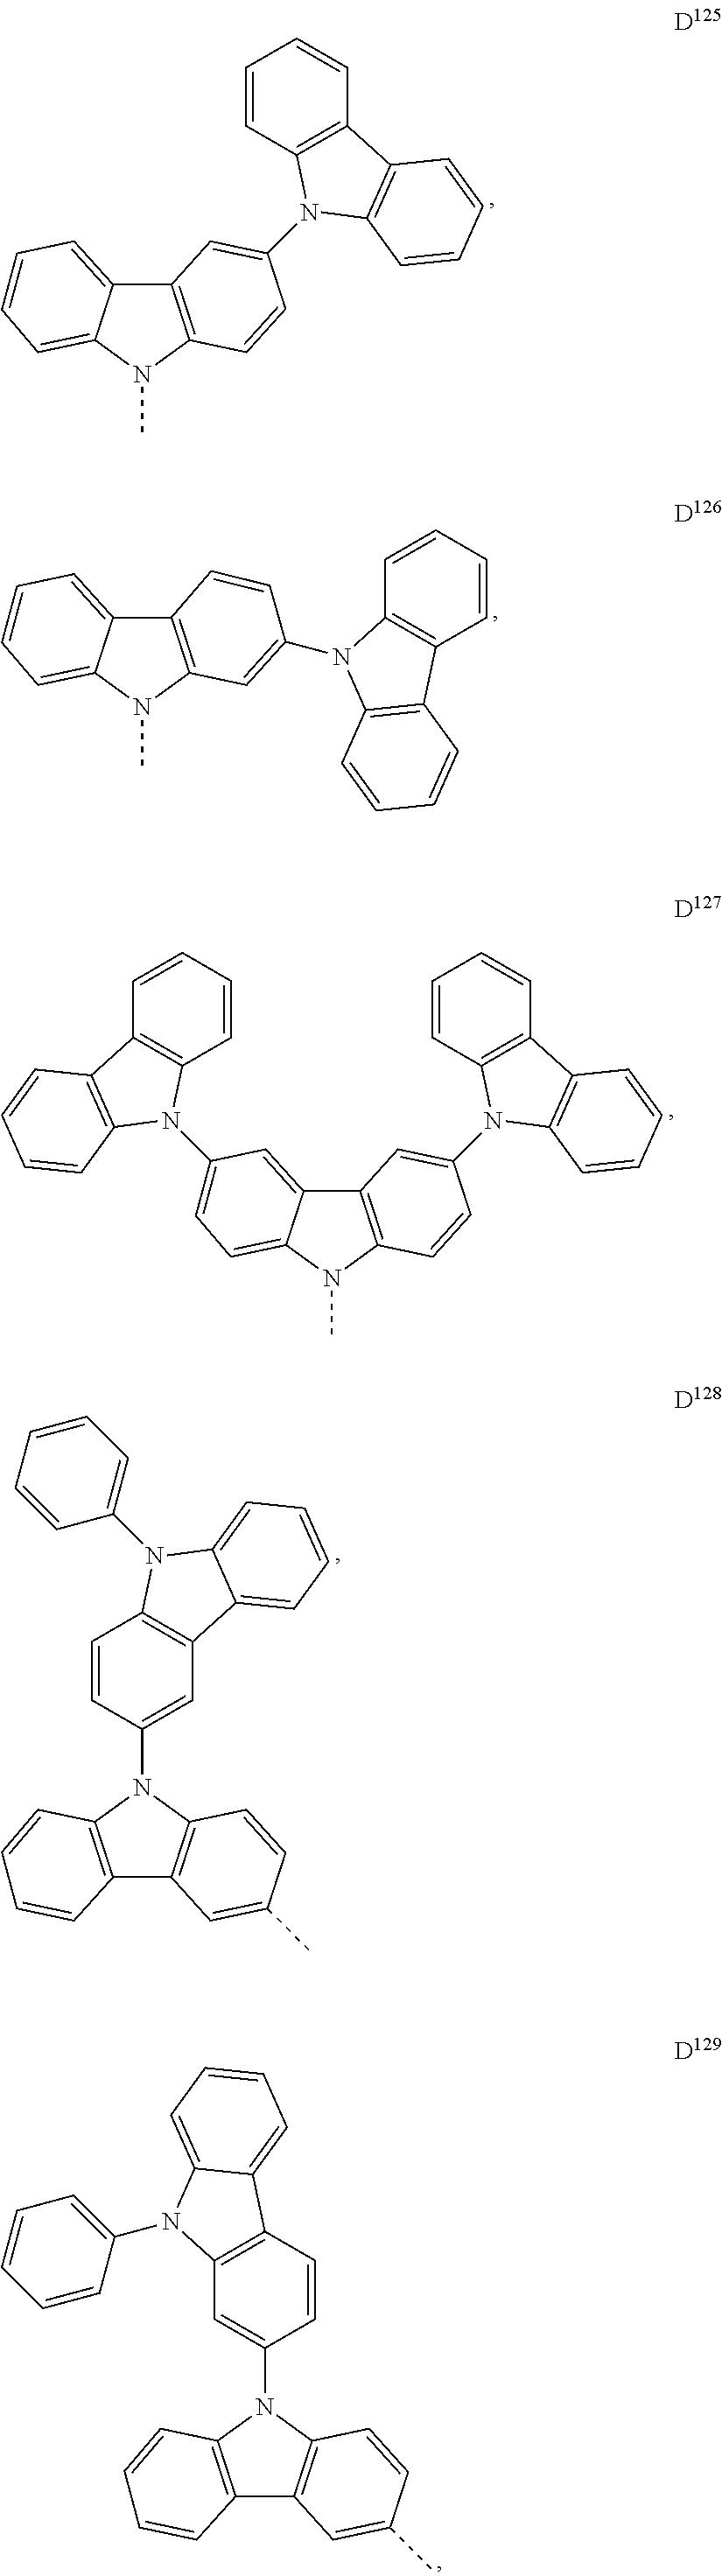 Figure US09209411-20151208-C00194